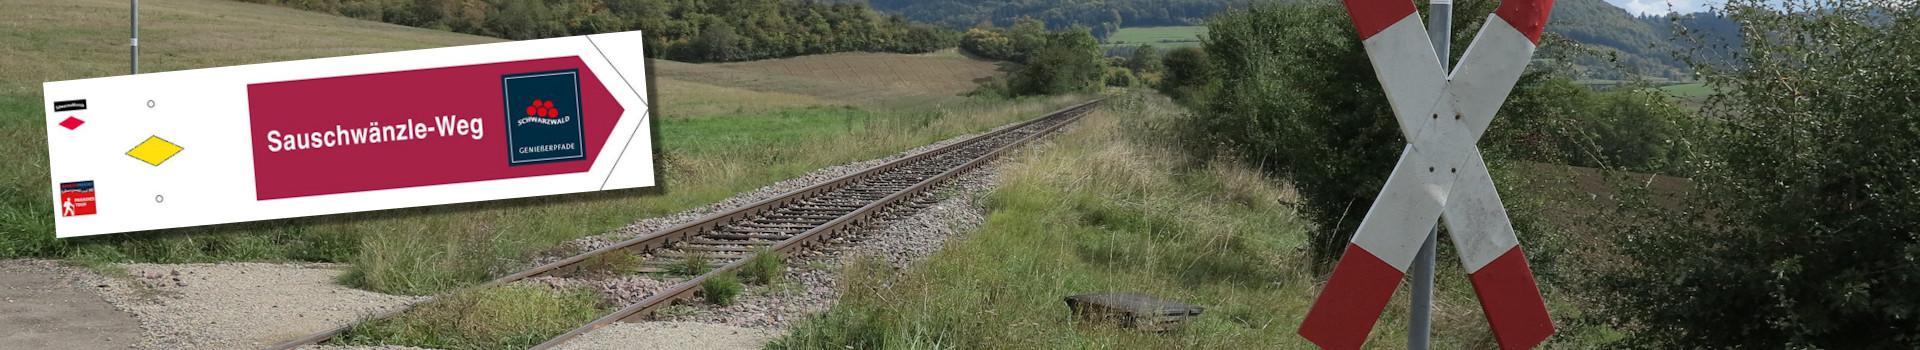 Sauschwänzle-Weg und -Bahn – ein Wandertag im September 2015